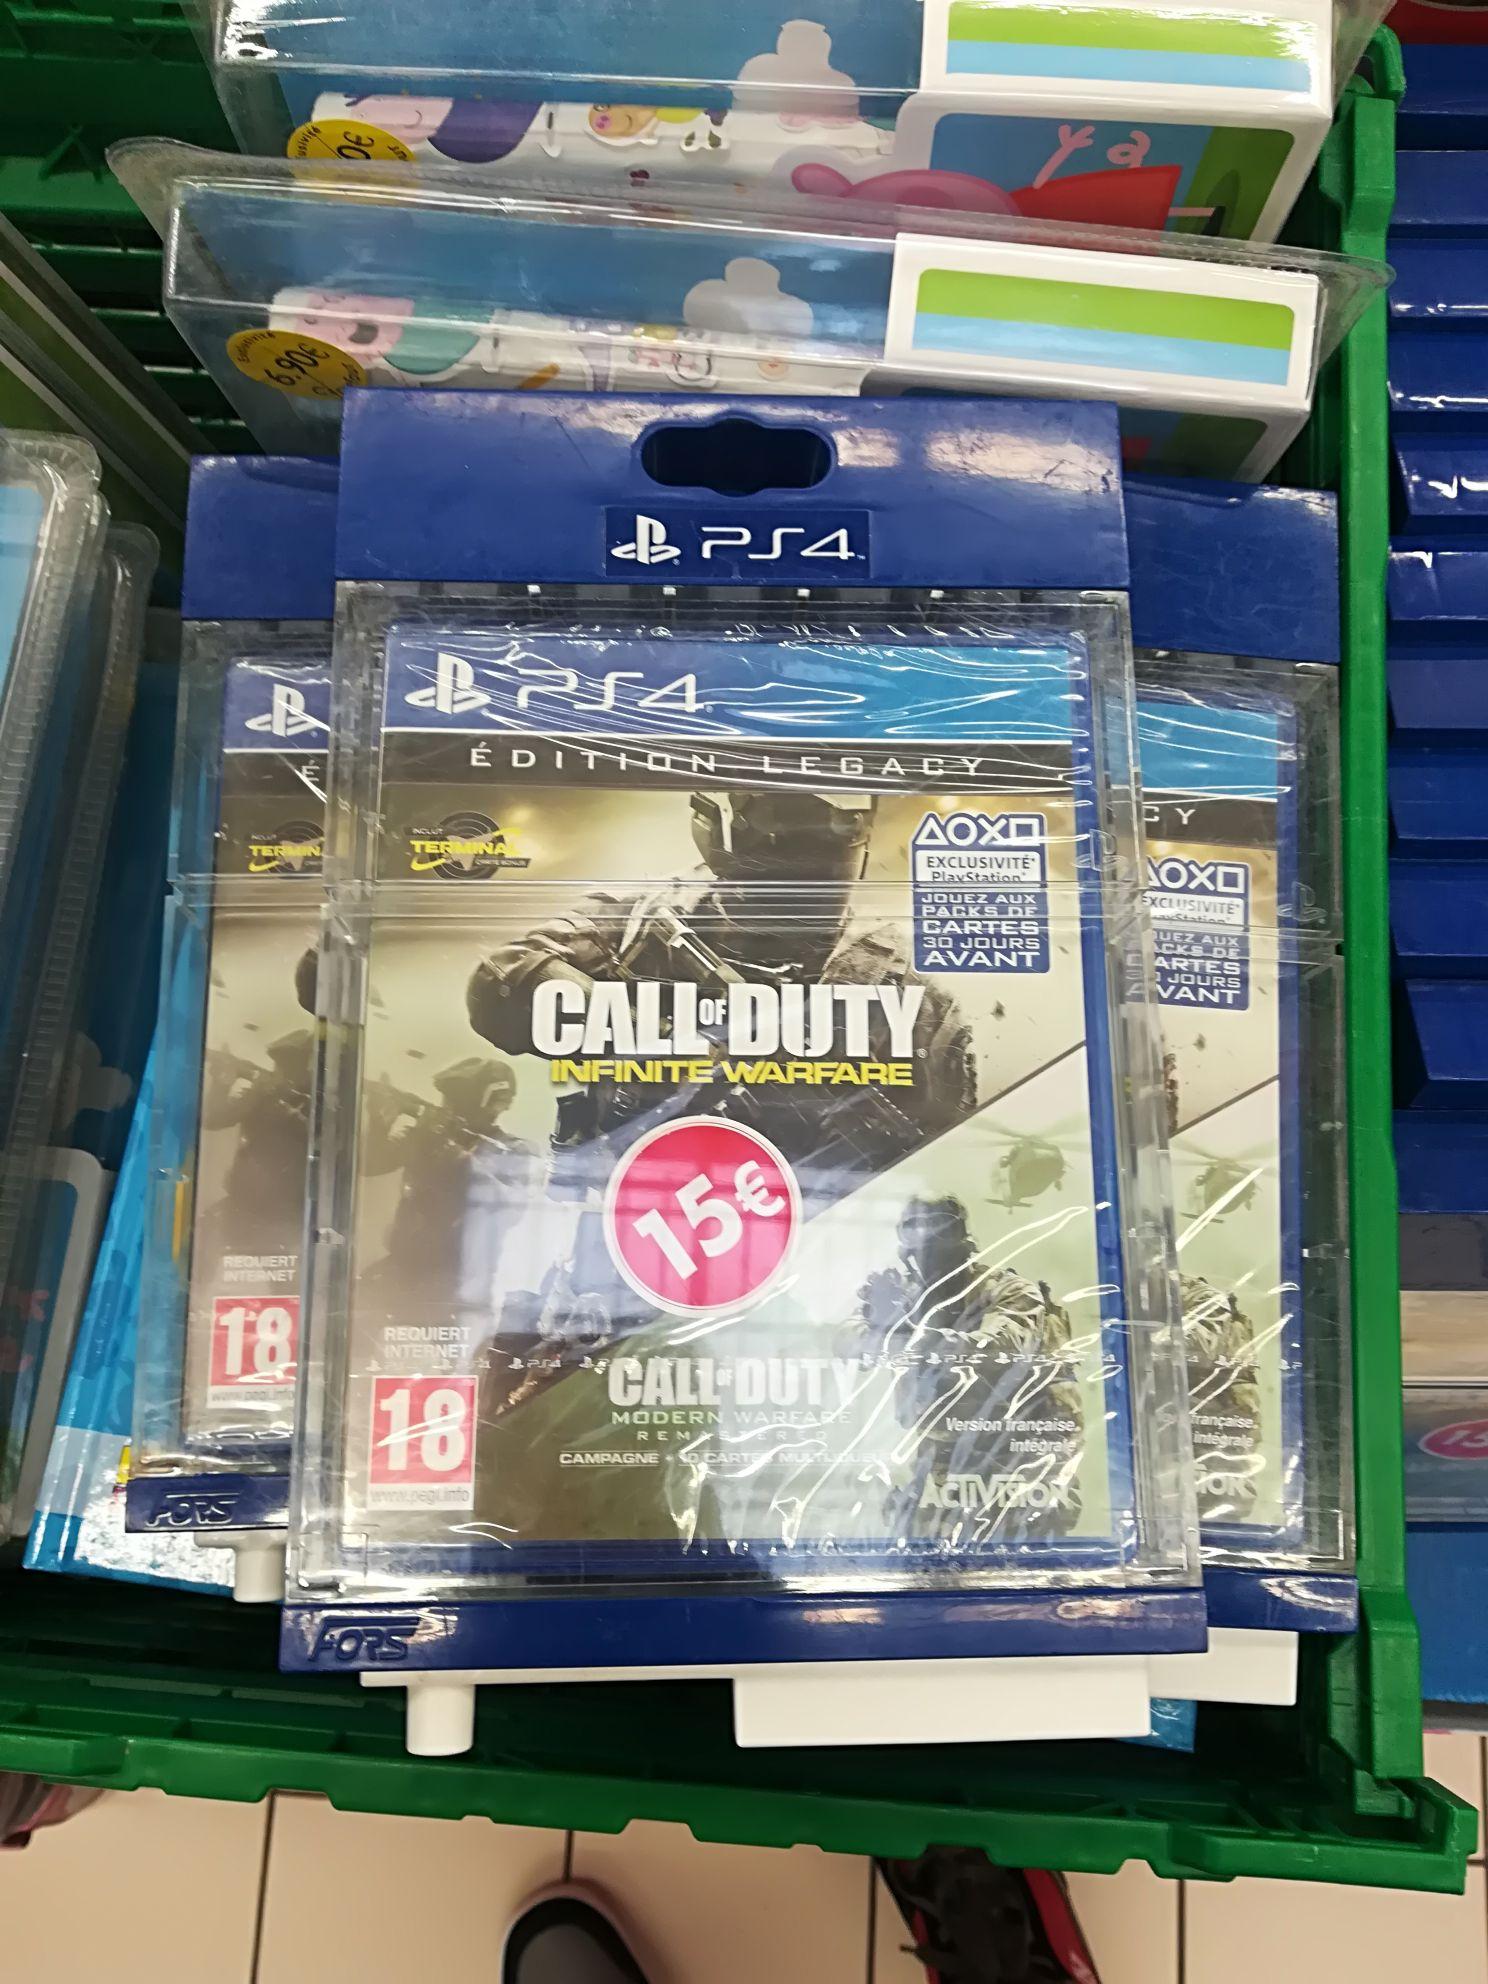 Call of Duty: Infinite Warfare - Édition Legacy sur PS4 au Carrefour Saint-André-les-Vergers (10)